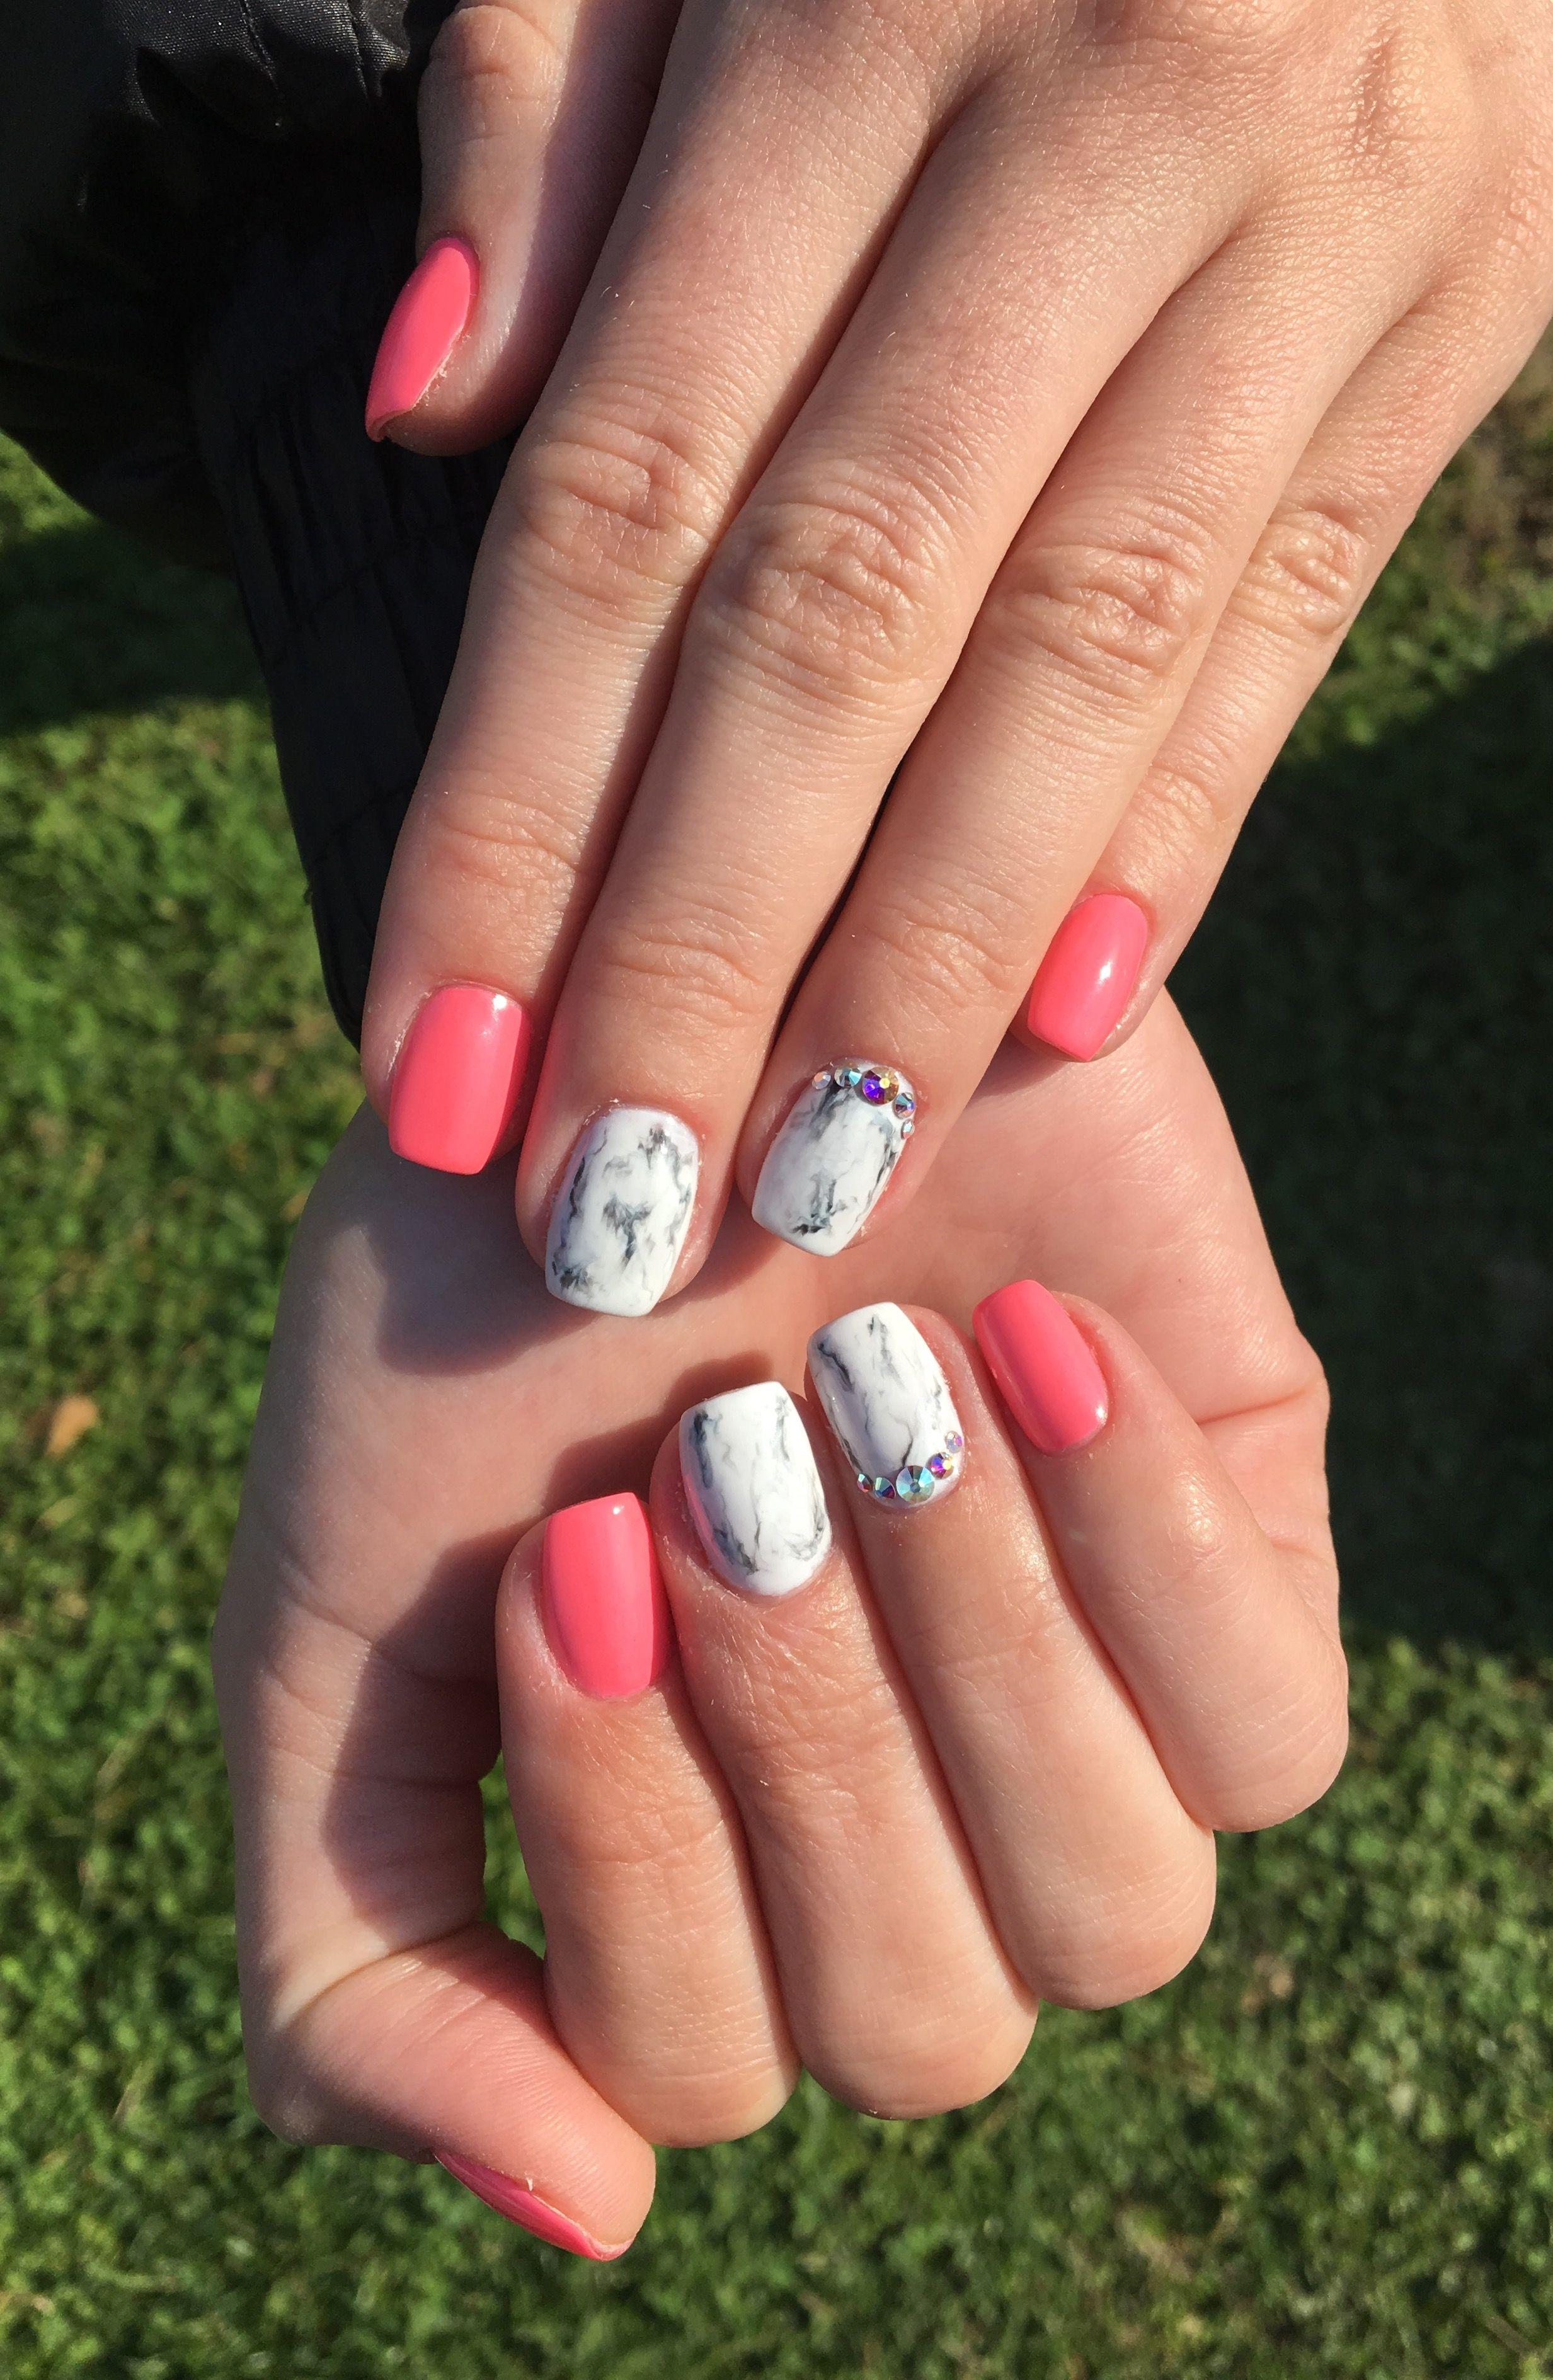 Coral nails, marble nails, swarovski, love nails! ❤ | Nails ...